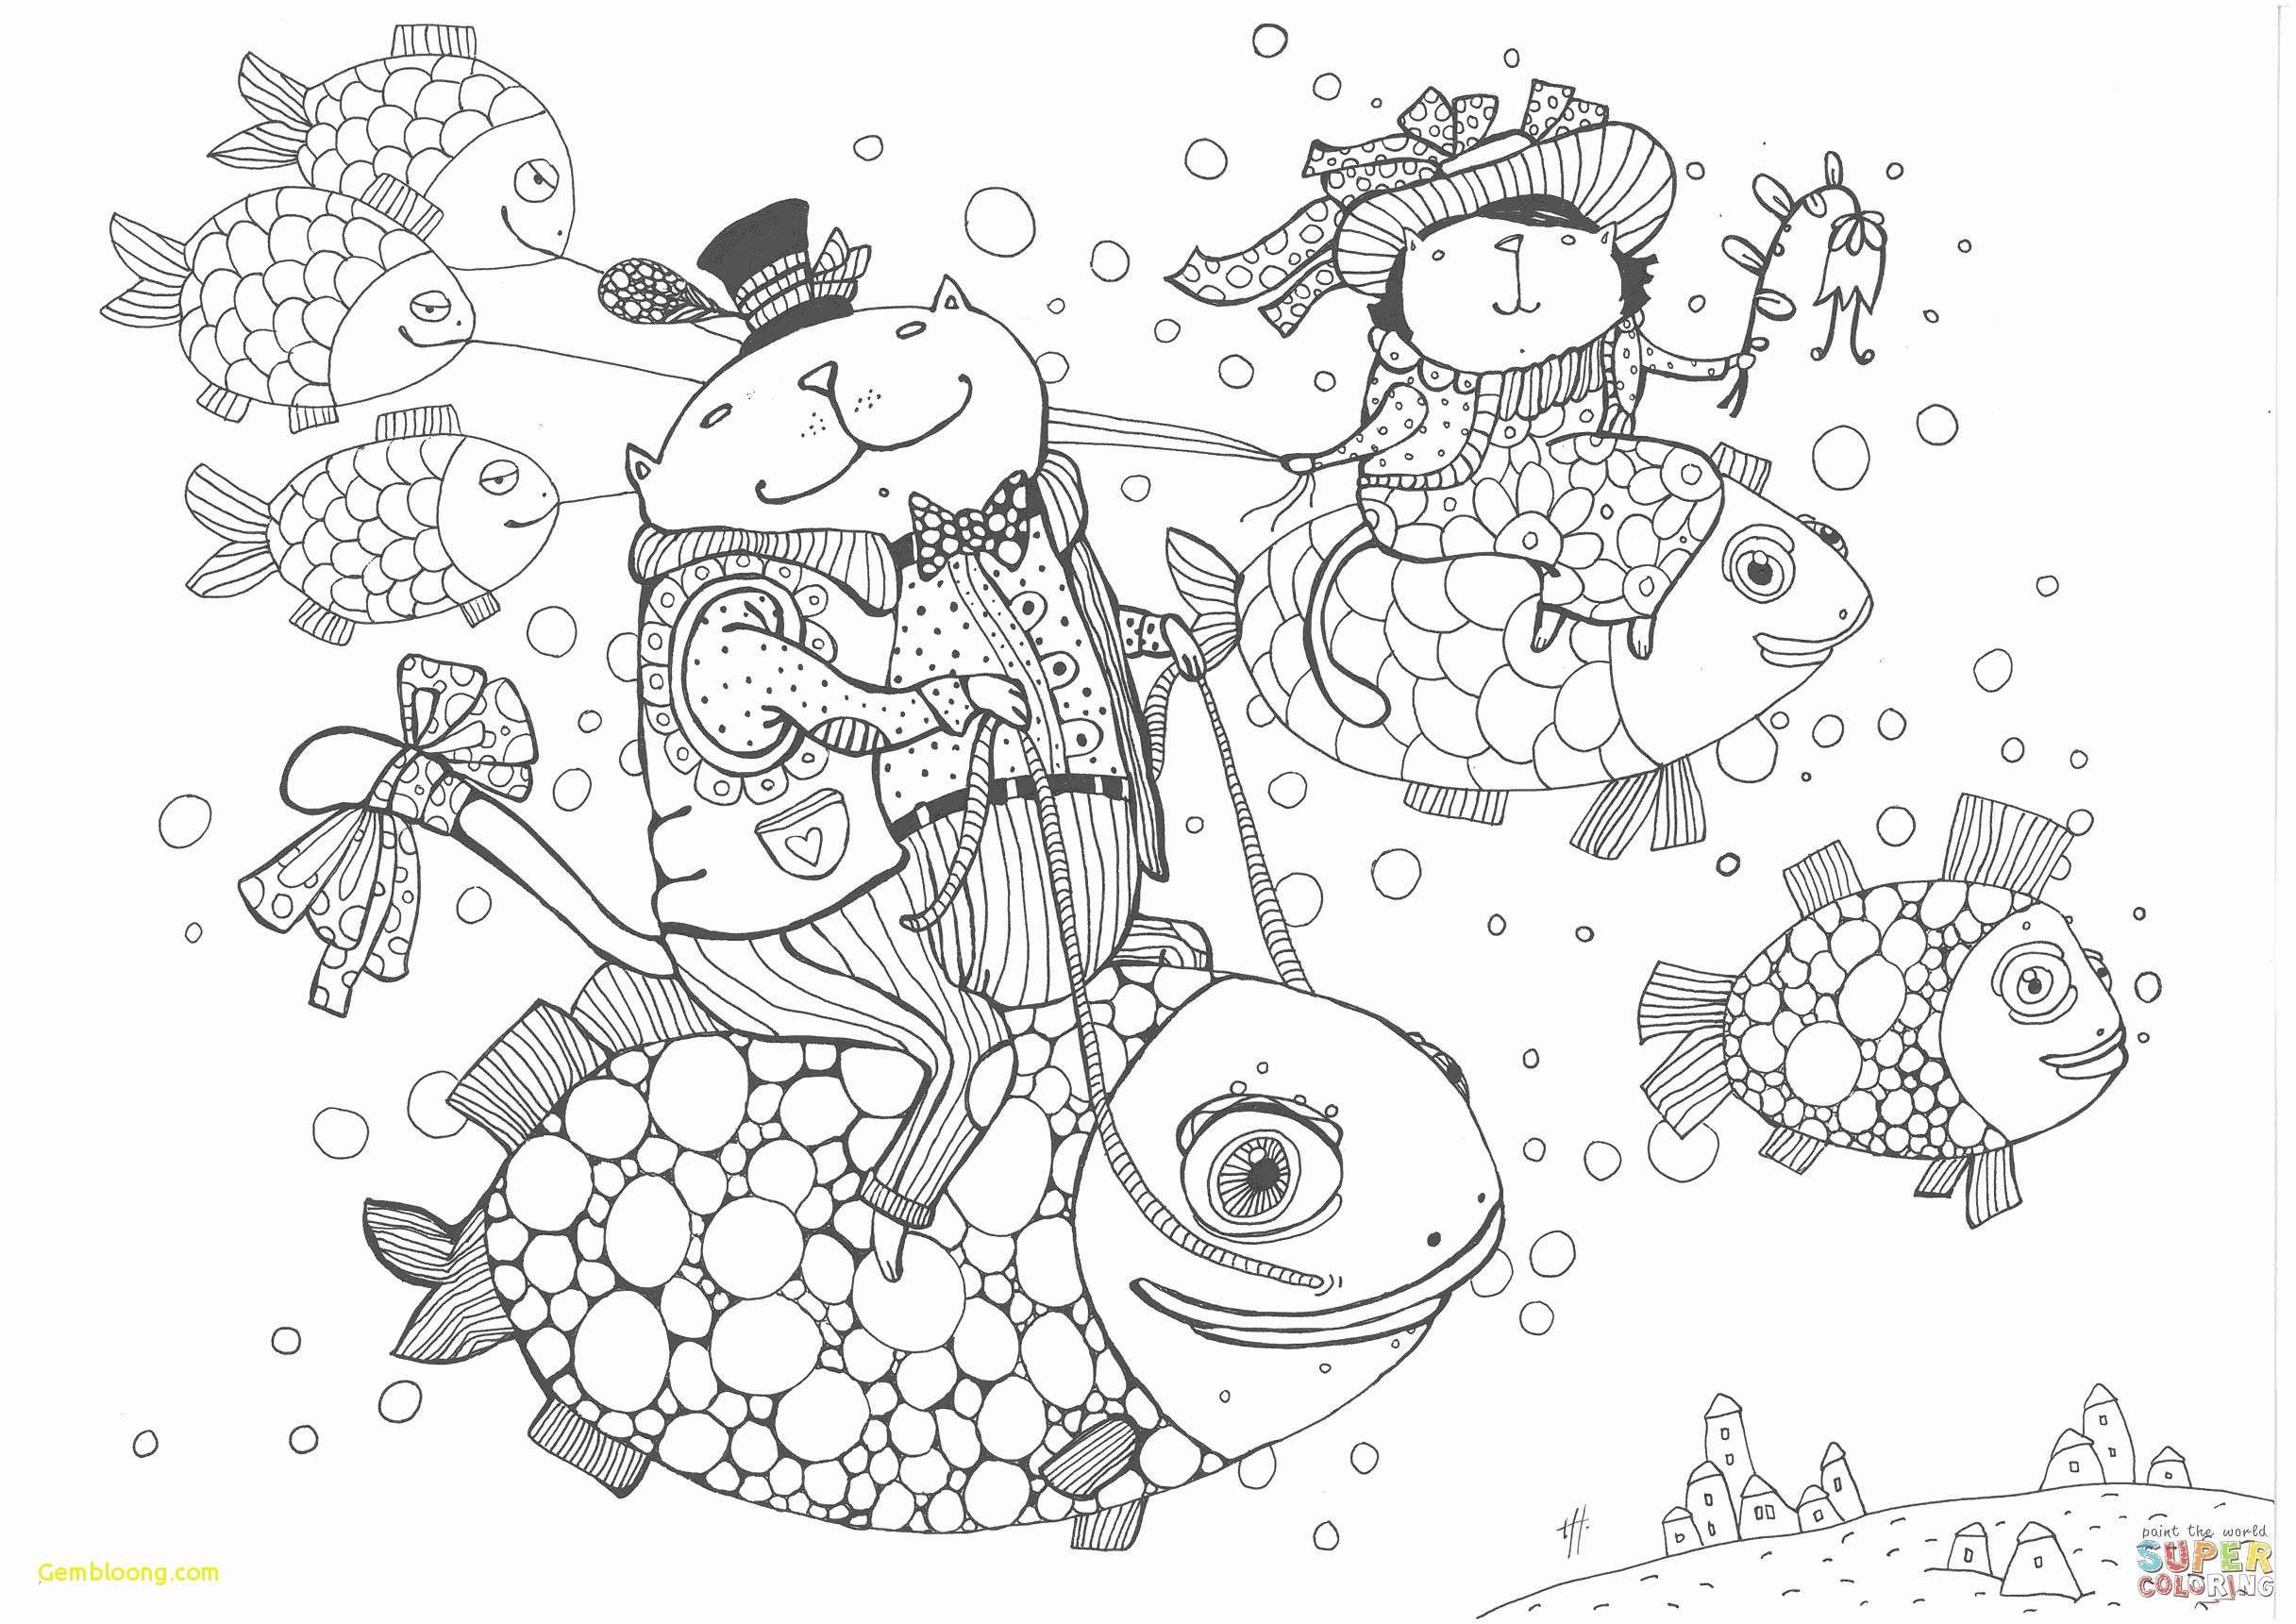 Ausmalbilder Winnie Pooh Und Seine Freunde Malvorlagen Genial Minion Ausmalbilder Bob Best Ausmalbilder Winnie Pooh Und Seine Das Bild